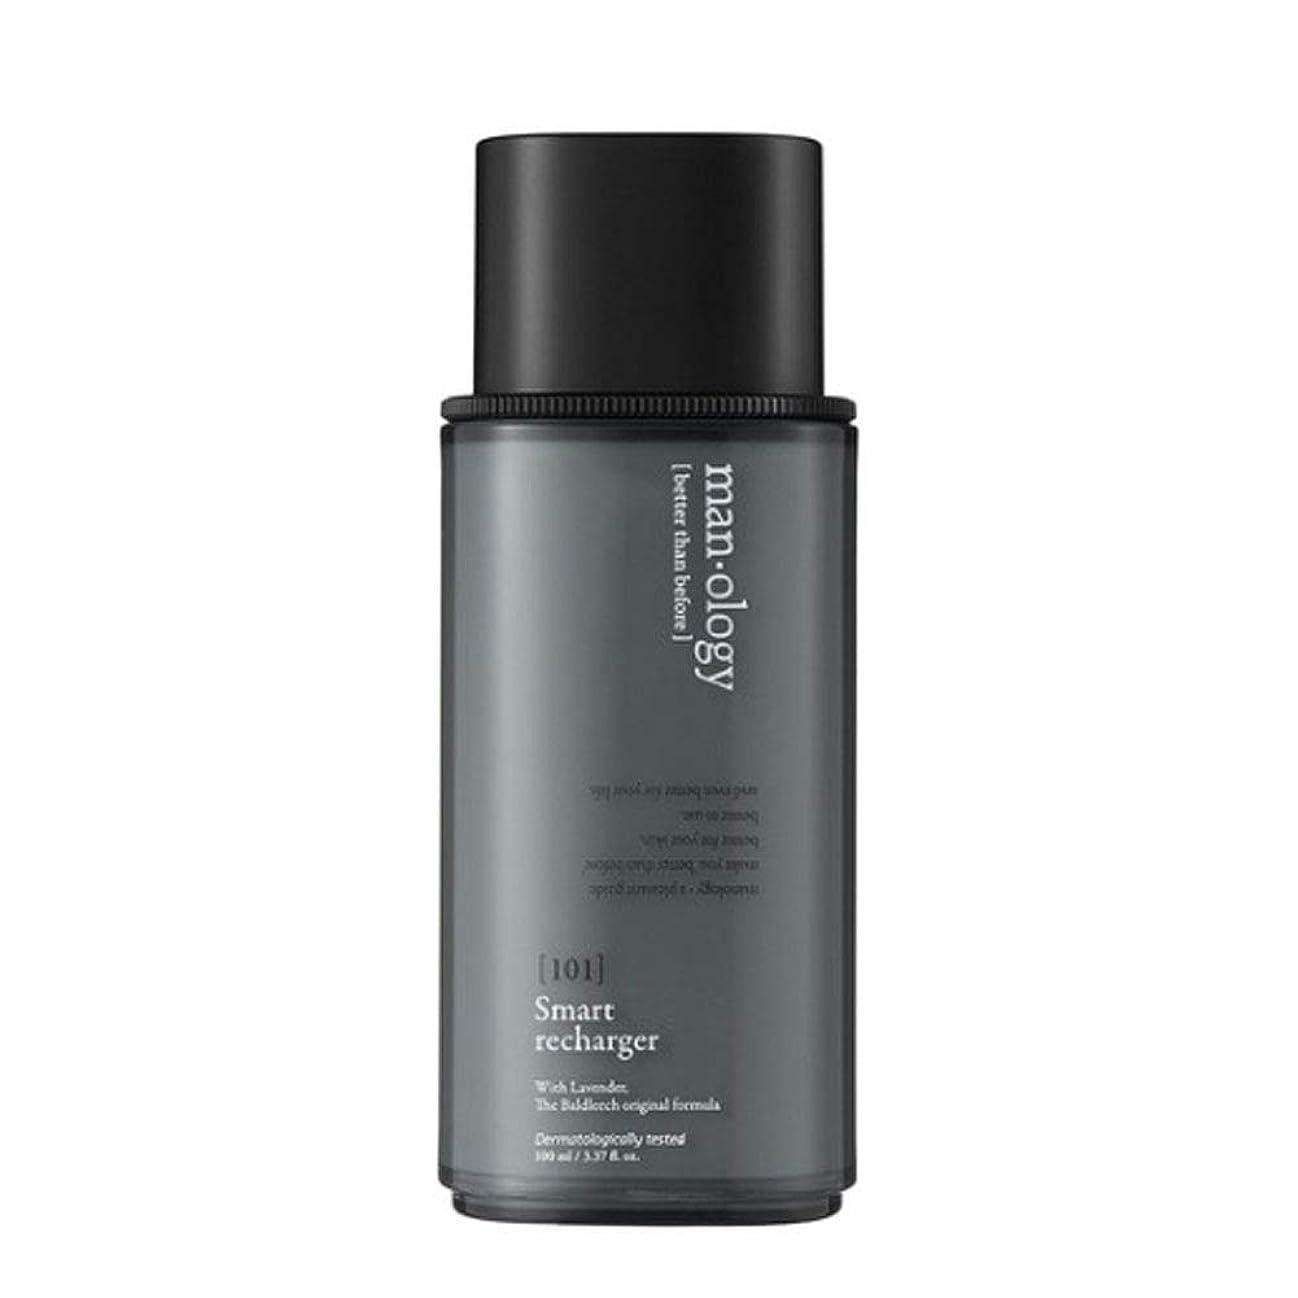 ミケランジェロサイクロプス複製ビリープメンオルロッジ101スマートリチャージャー100mlメンズコスメ韓国コスメ、belif Man Ology 101 Smart Recharger 100ml Men's Cosmetics Korean Cosmetics [並行輸入品]